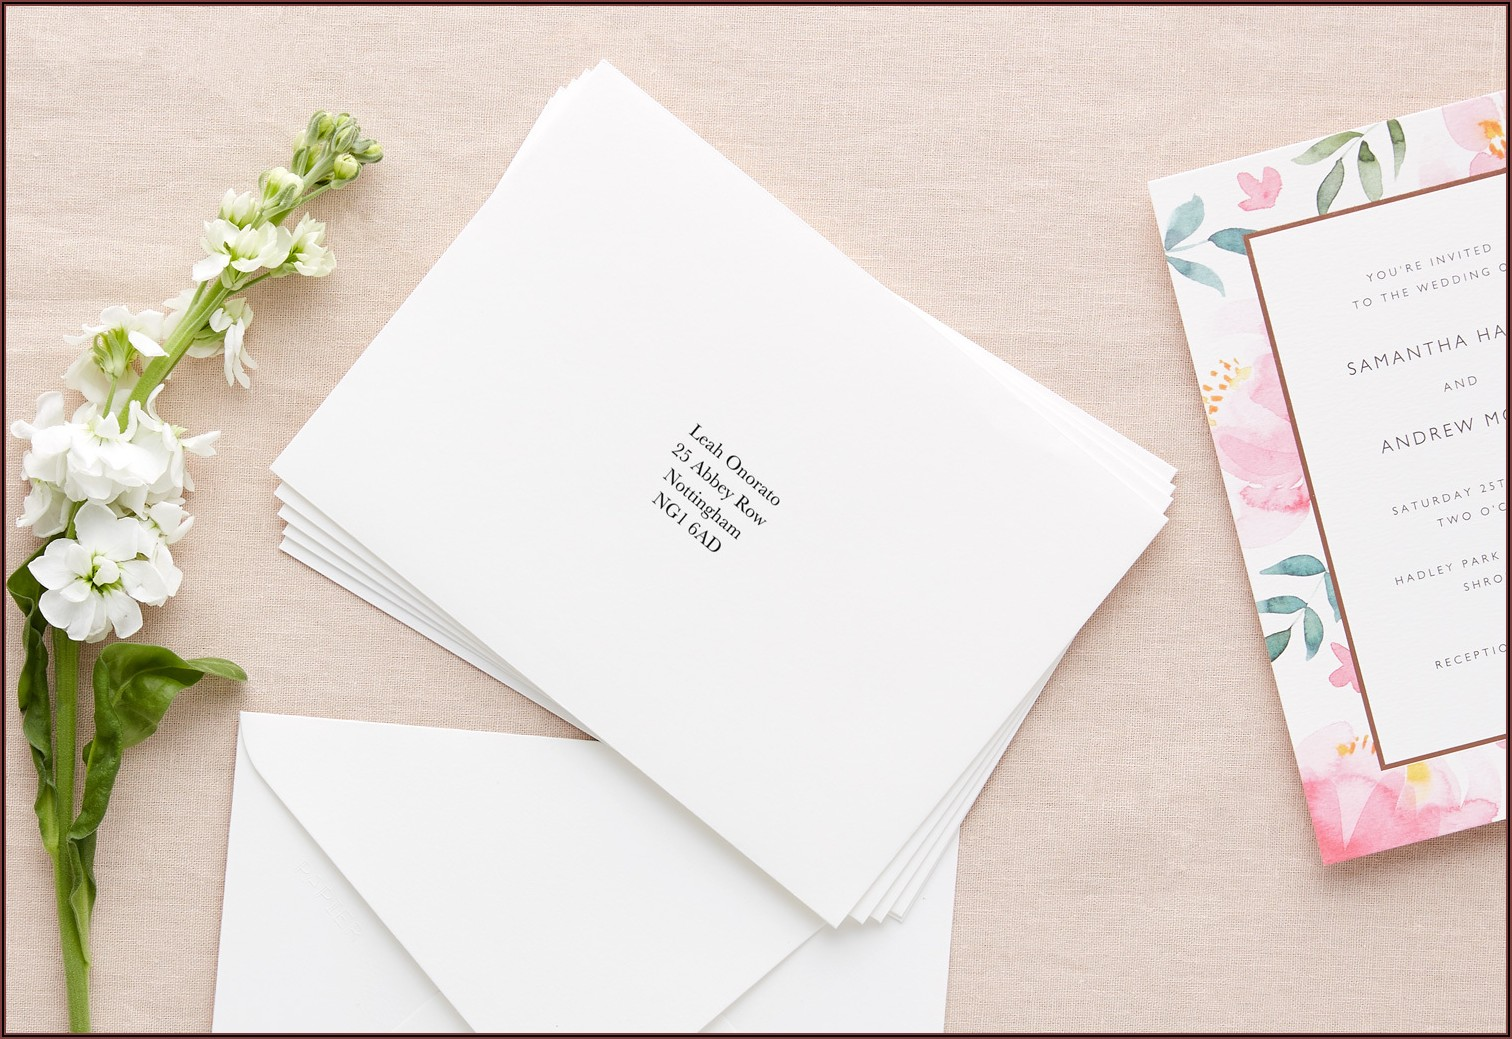 Addressing Envelopes Etiquette Uk